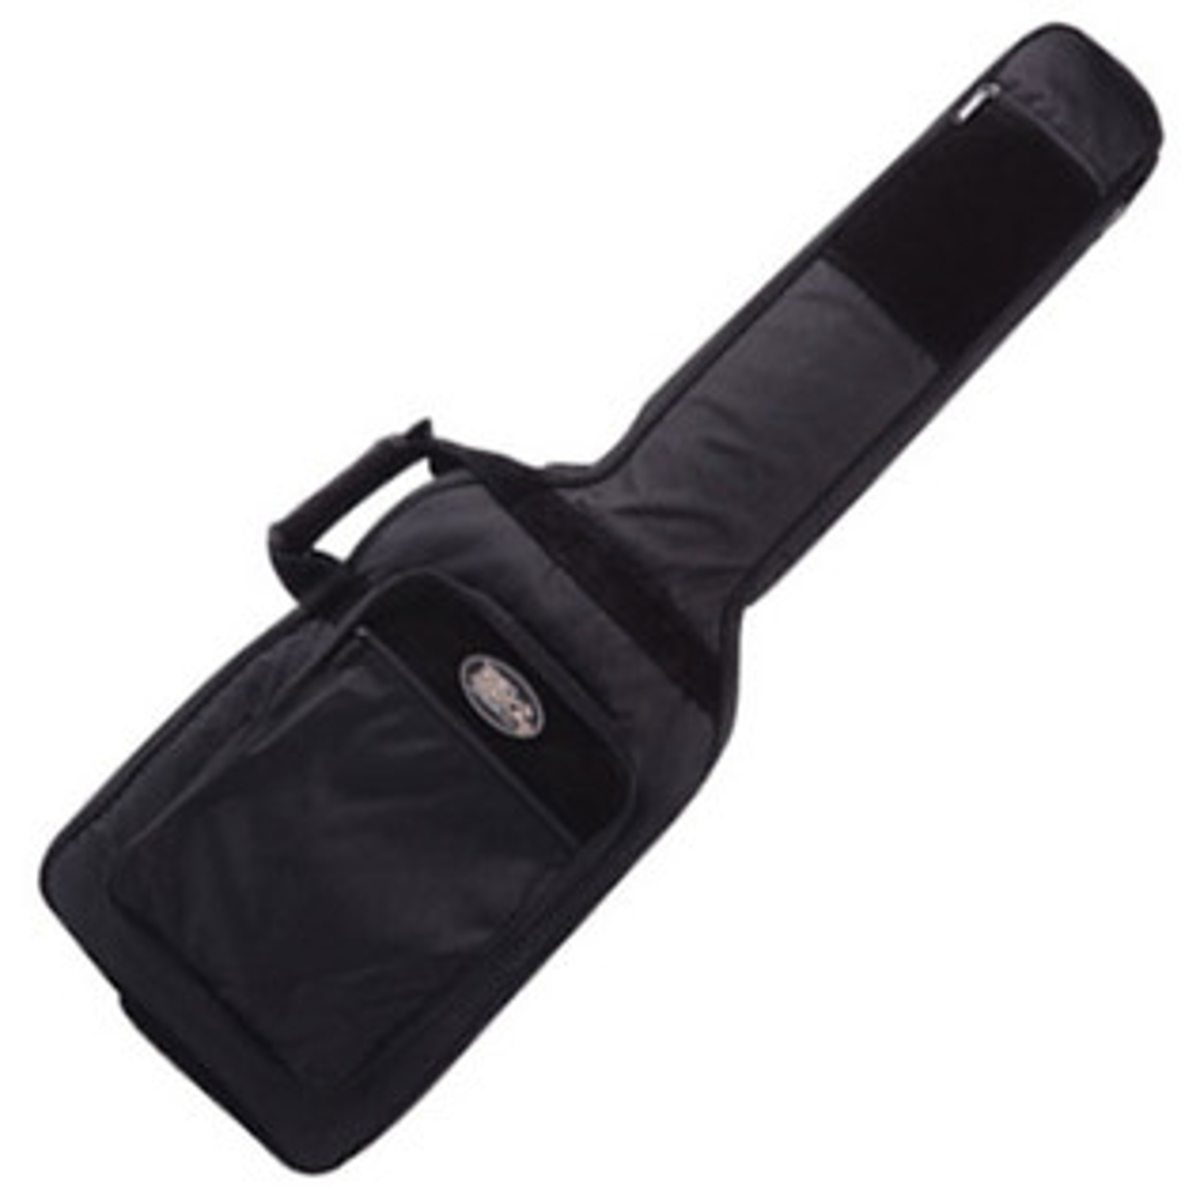 Fret King Black Label Esprit III Electric Guitar, Vintage White - gig bag